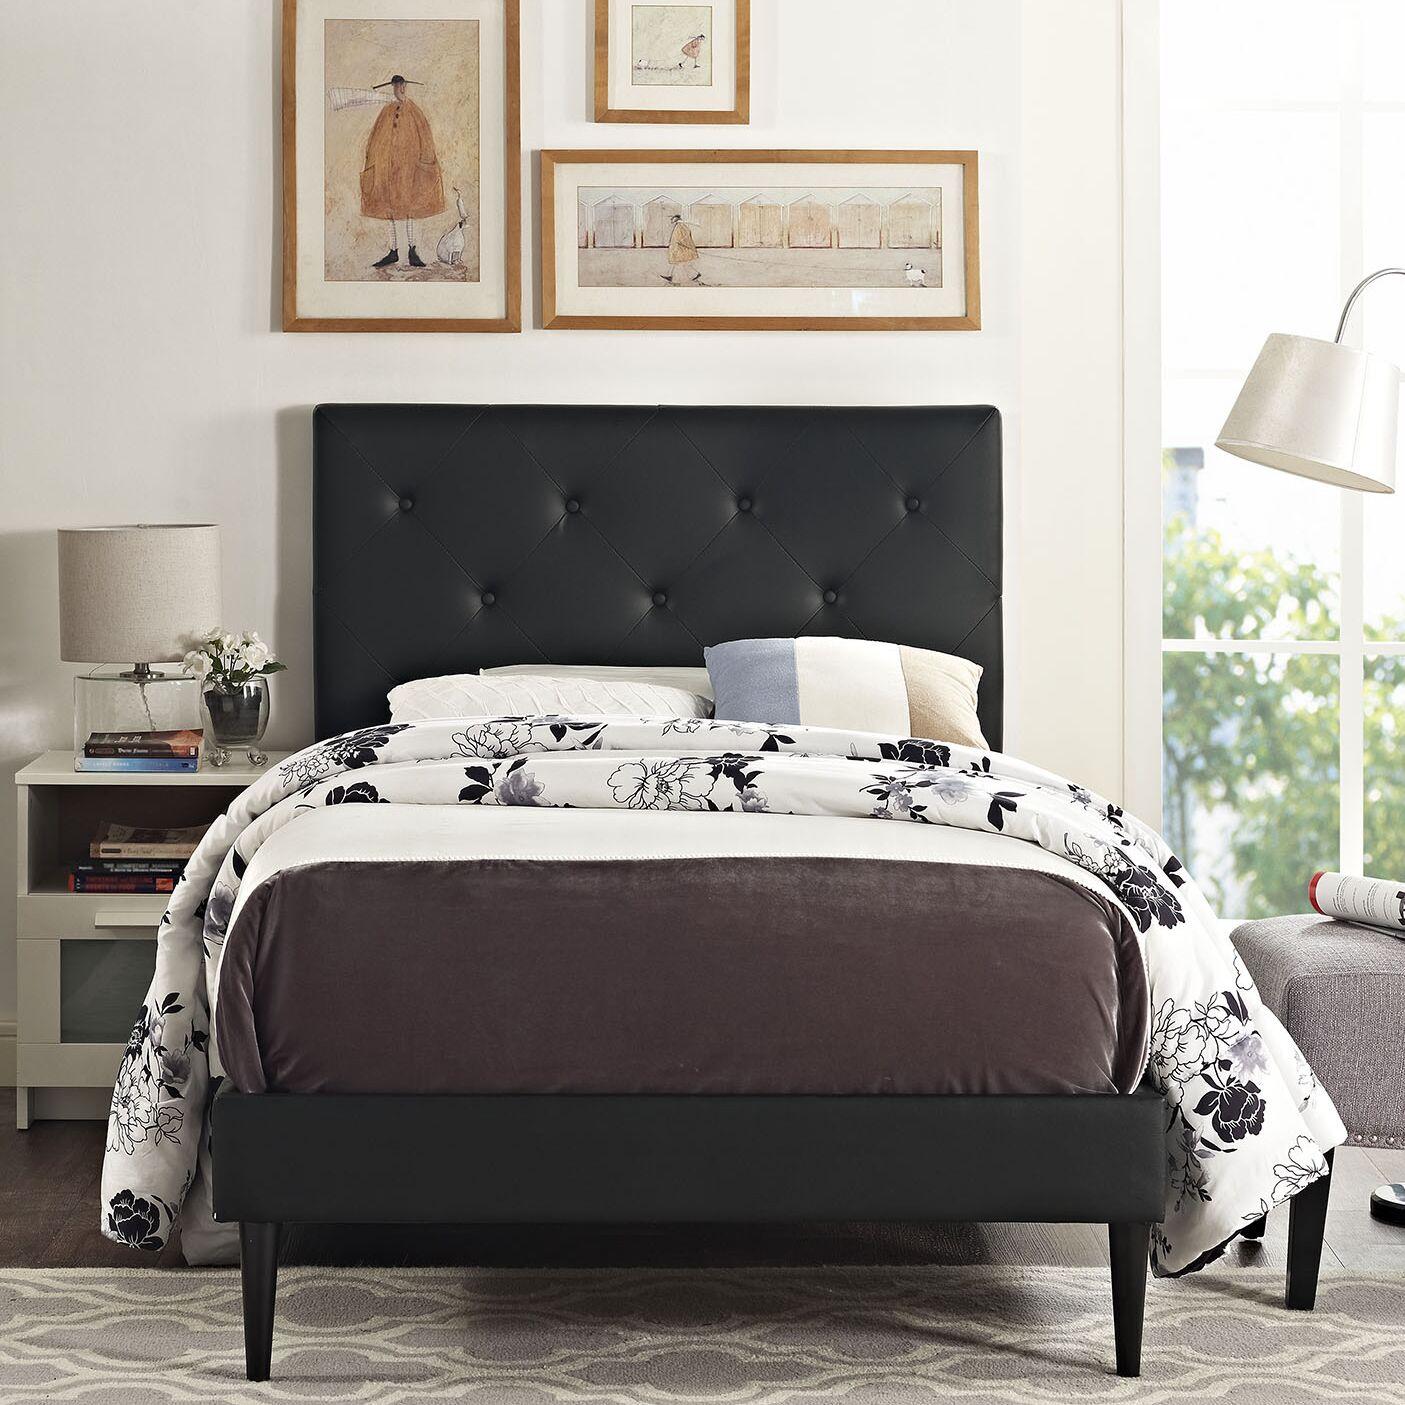 Ziemer Upholstered Platform Bed Color: Black, Size: King